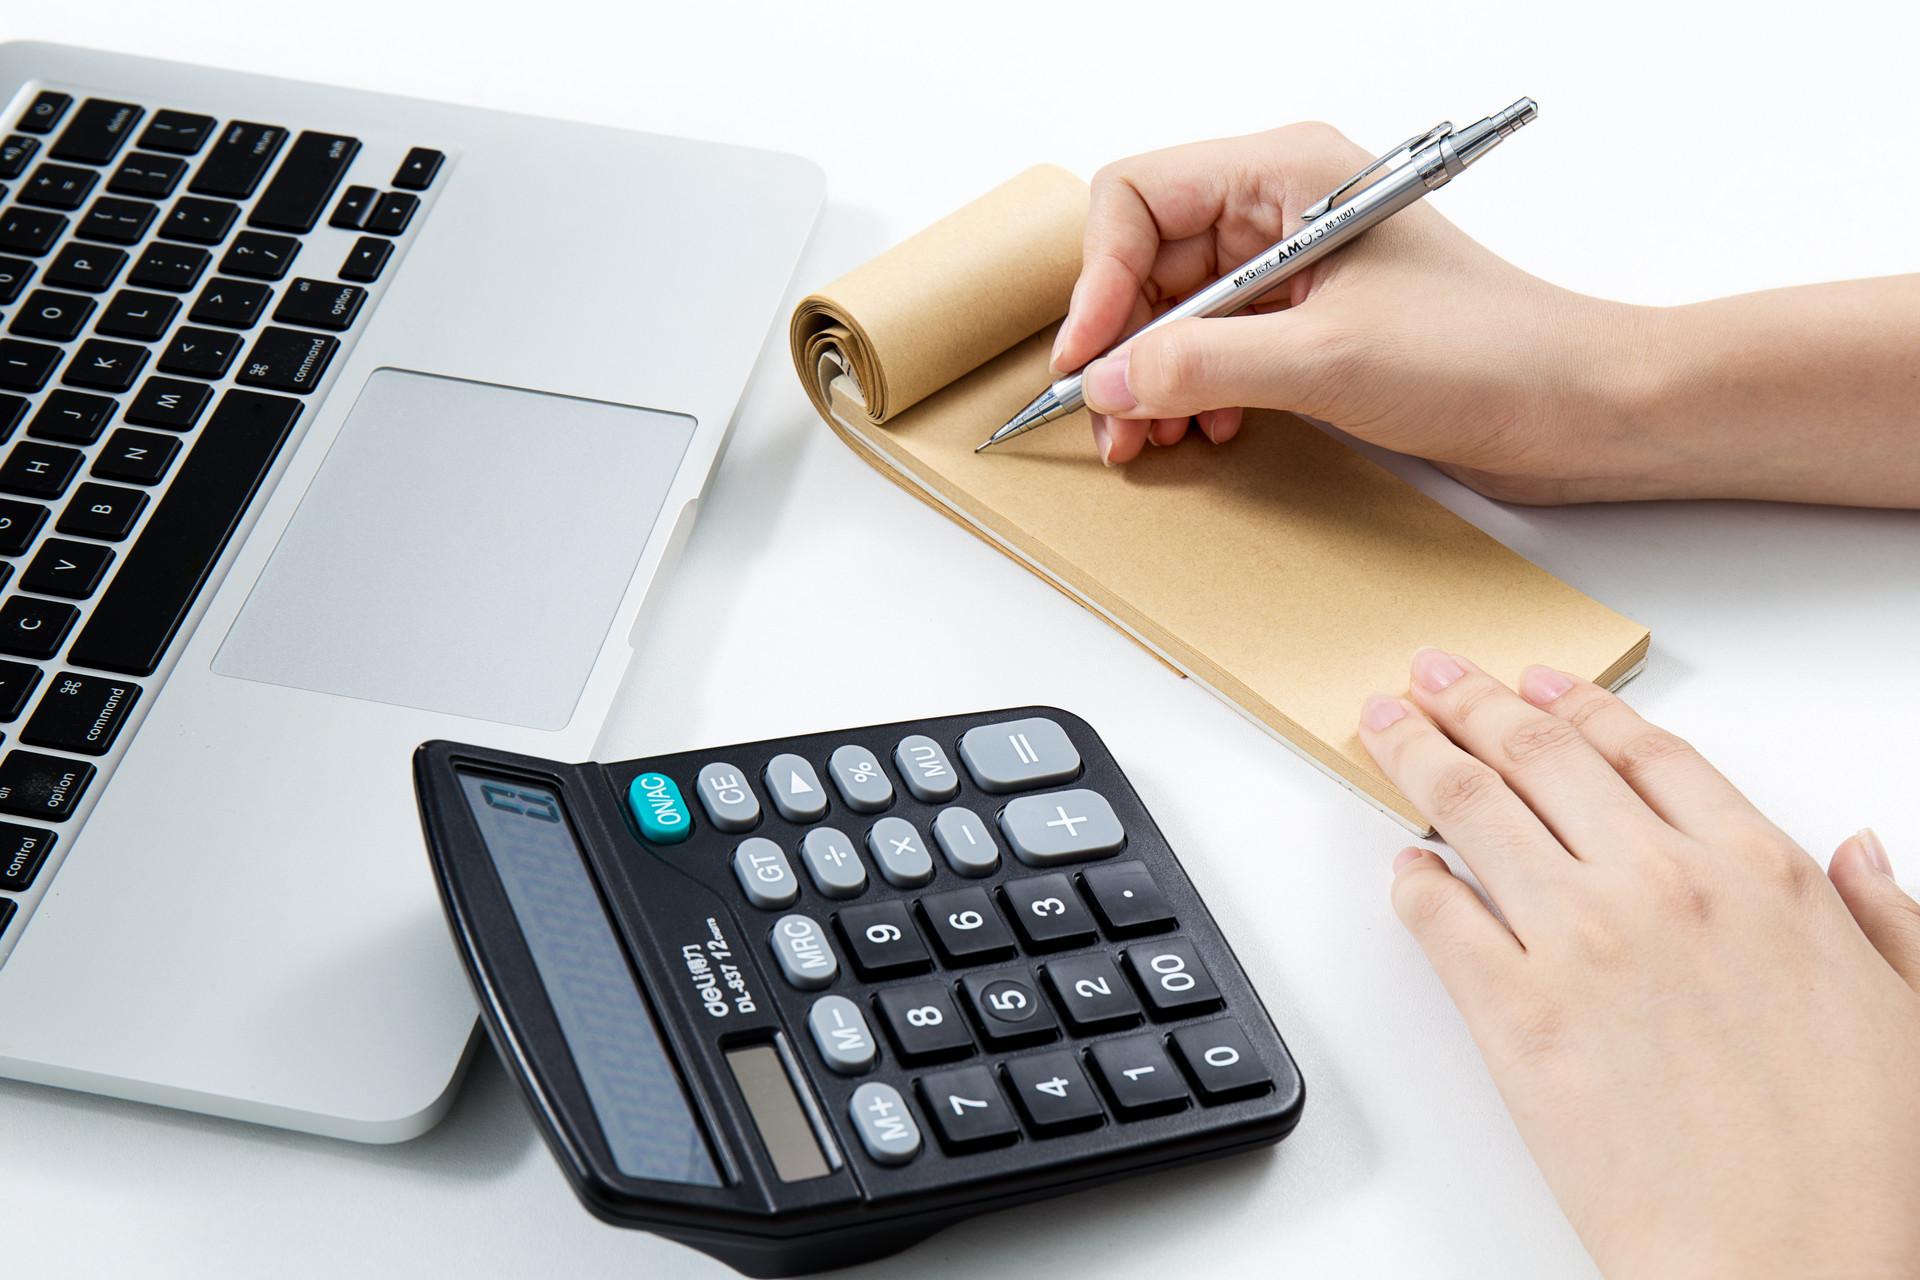 代理记账,杭州代理记账公司跟财务外包的区别,杭州代理记账